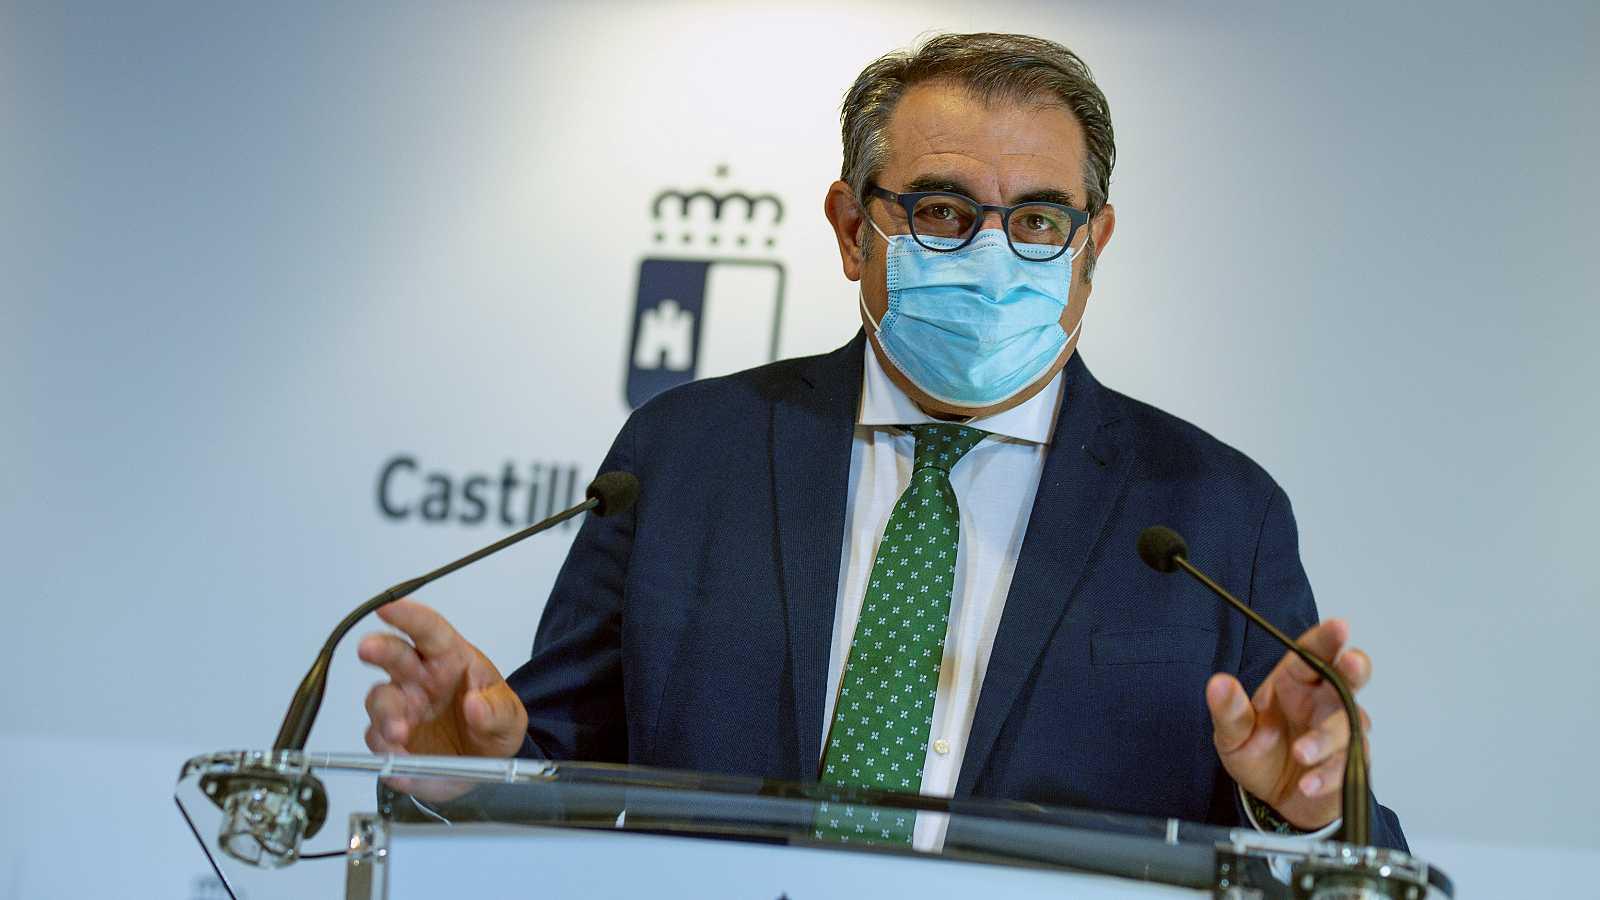 """Las mañanas de RNE con Íñigo Alfonso - Castilla-La Mancha pide al Gobierno adelantar el toque de queda: """"Nuestras medidas ya están al límite de lo permitido"""" - Escuchar ahora"""